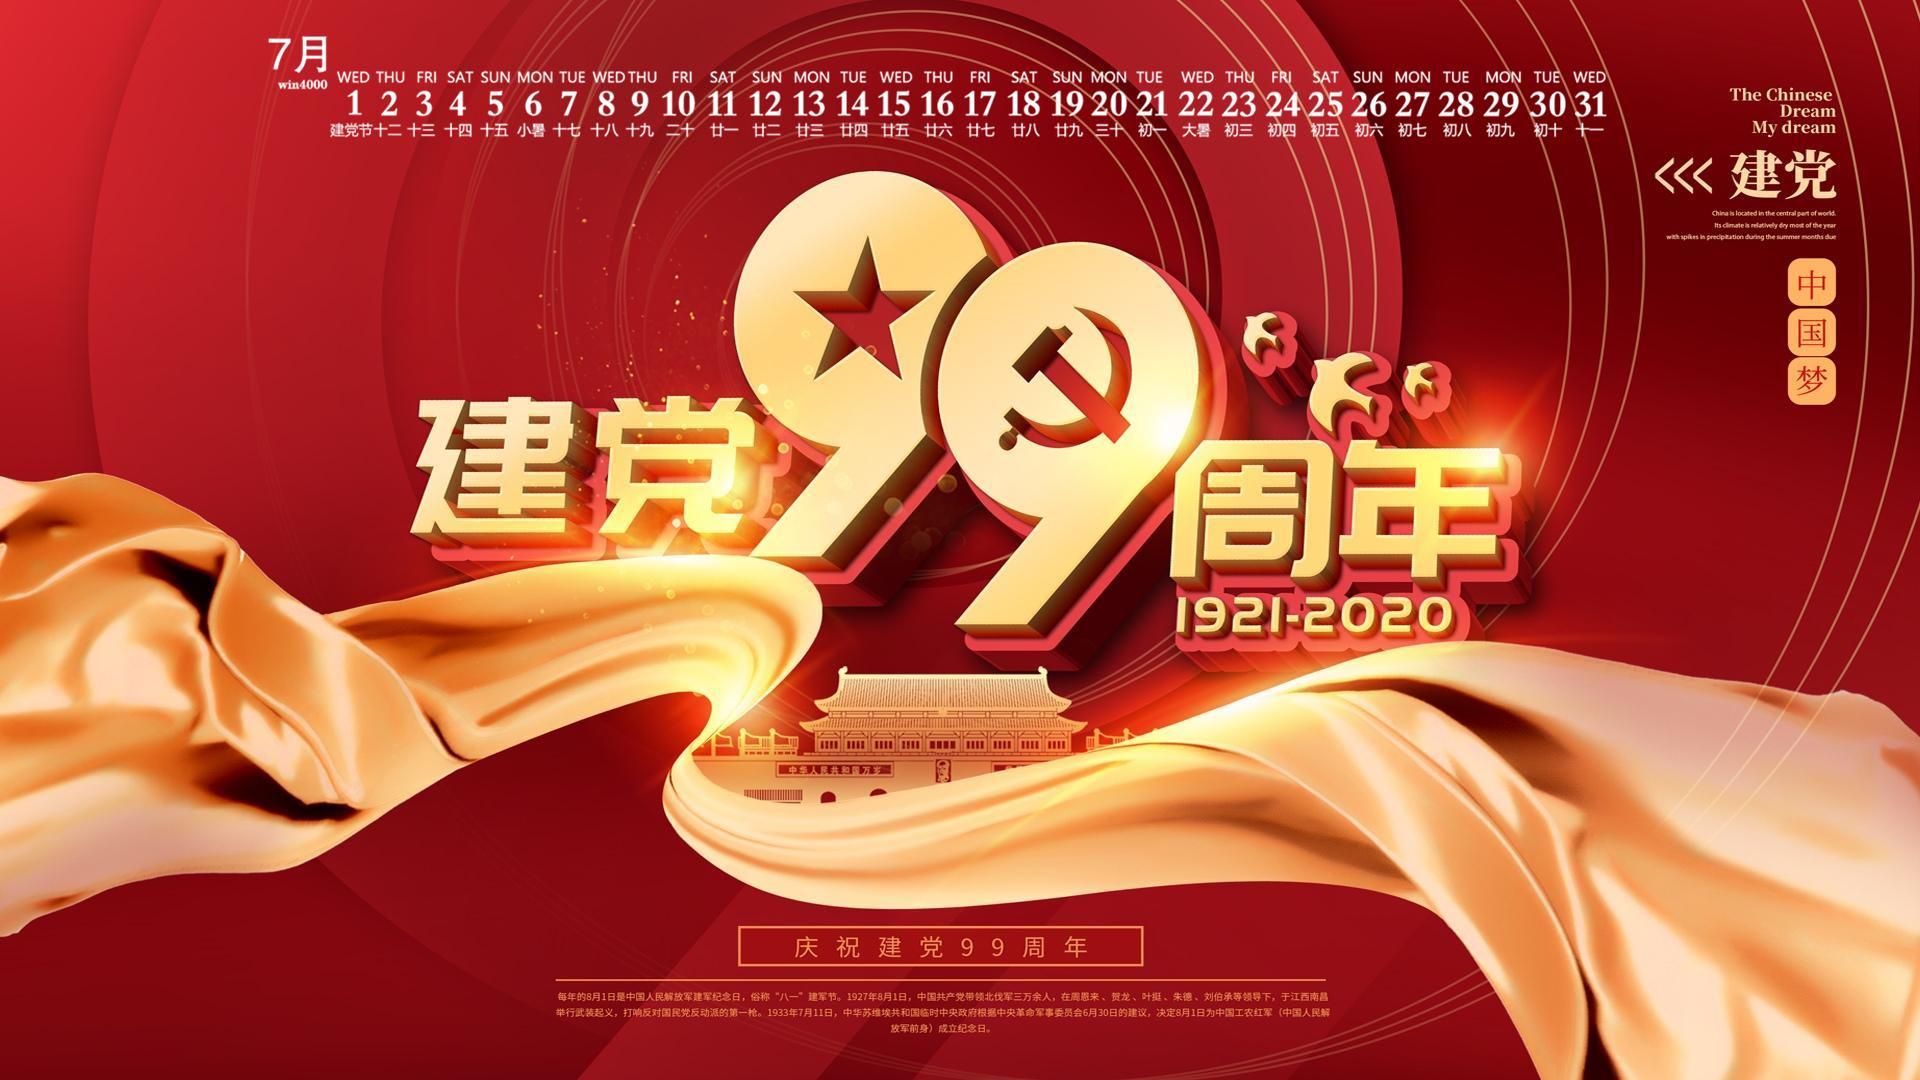 热烈庆祝中国共产党成立99周年!